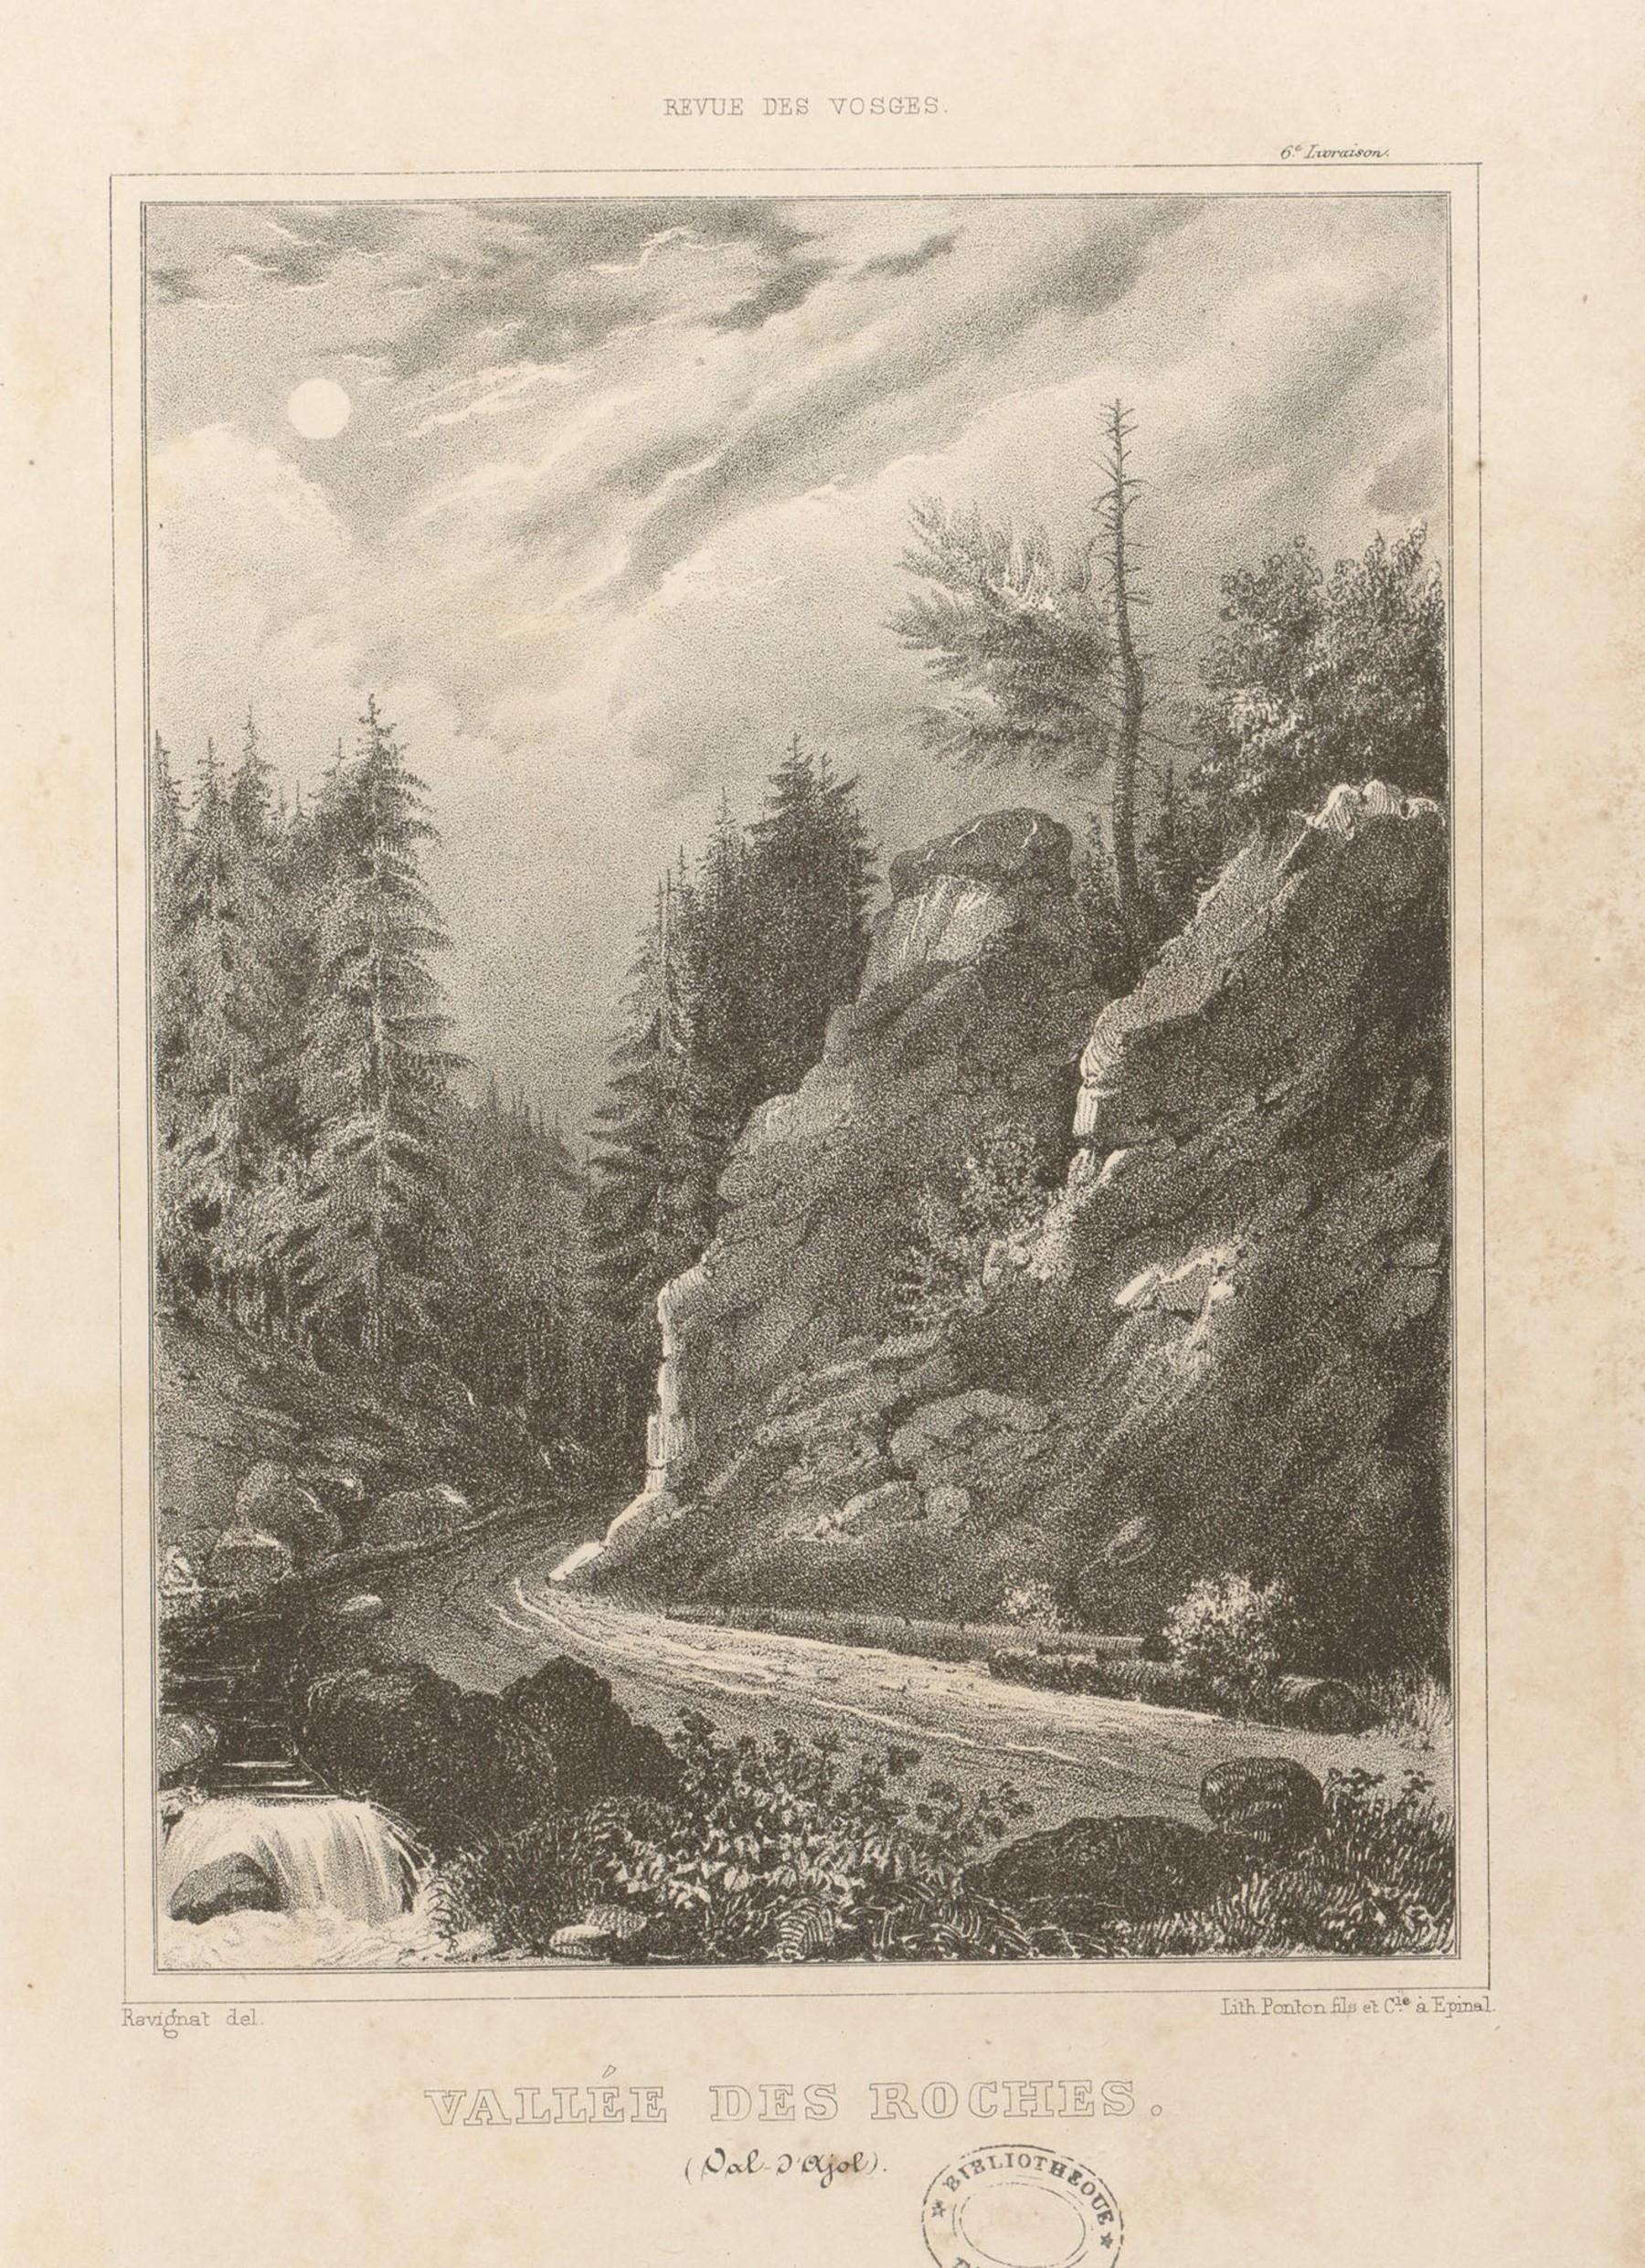 Contenu du Vallée des roches (Val d'Ajol)